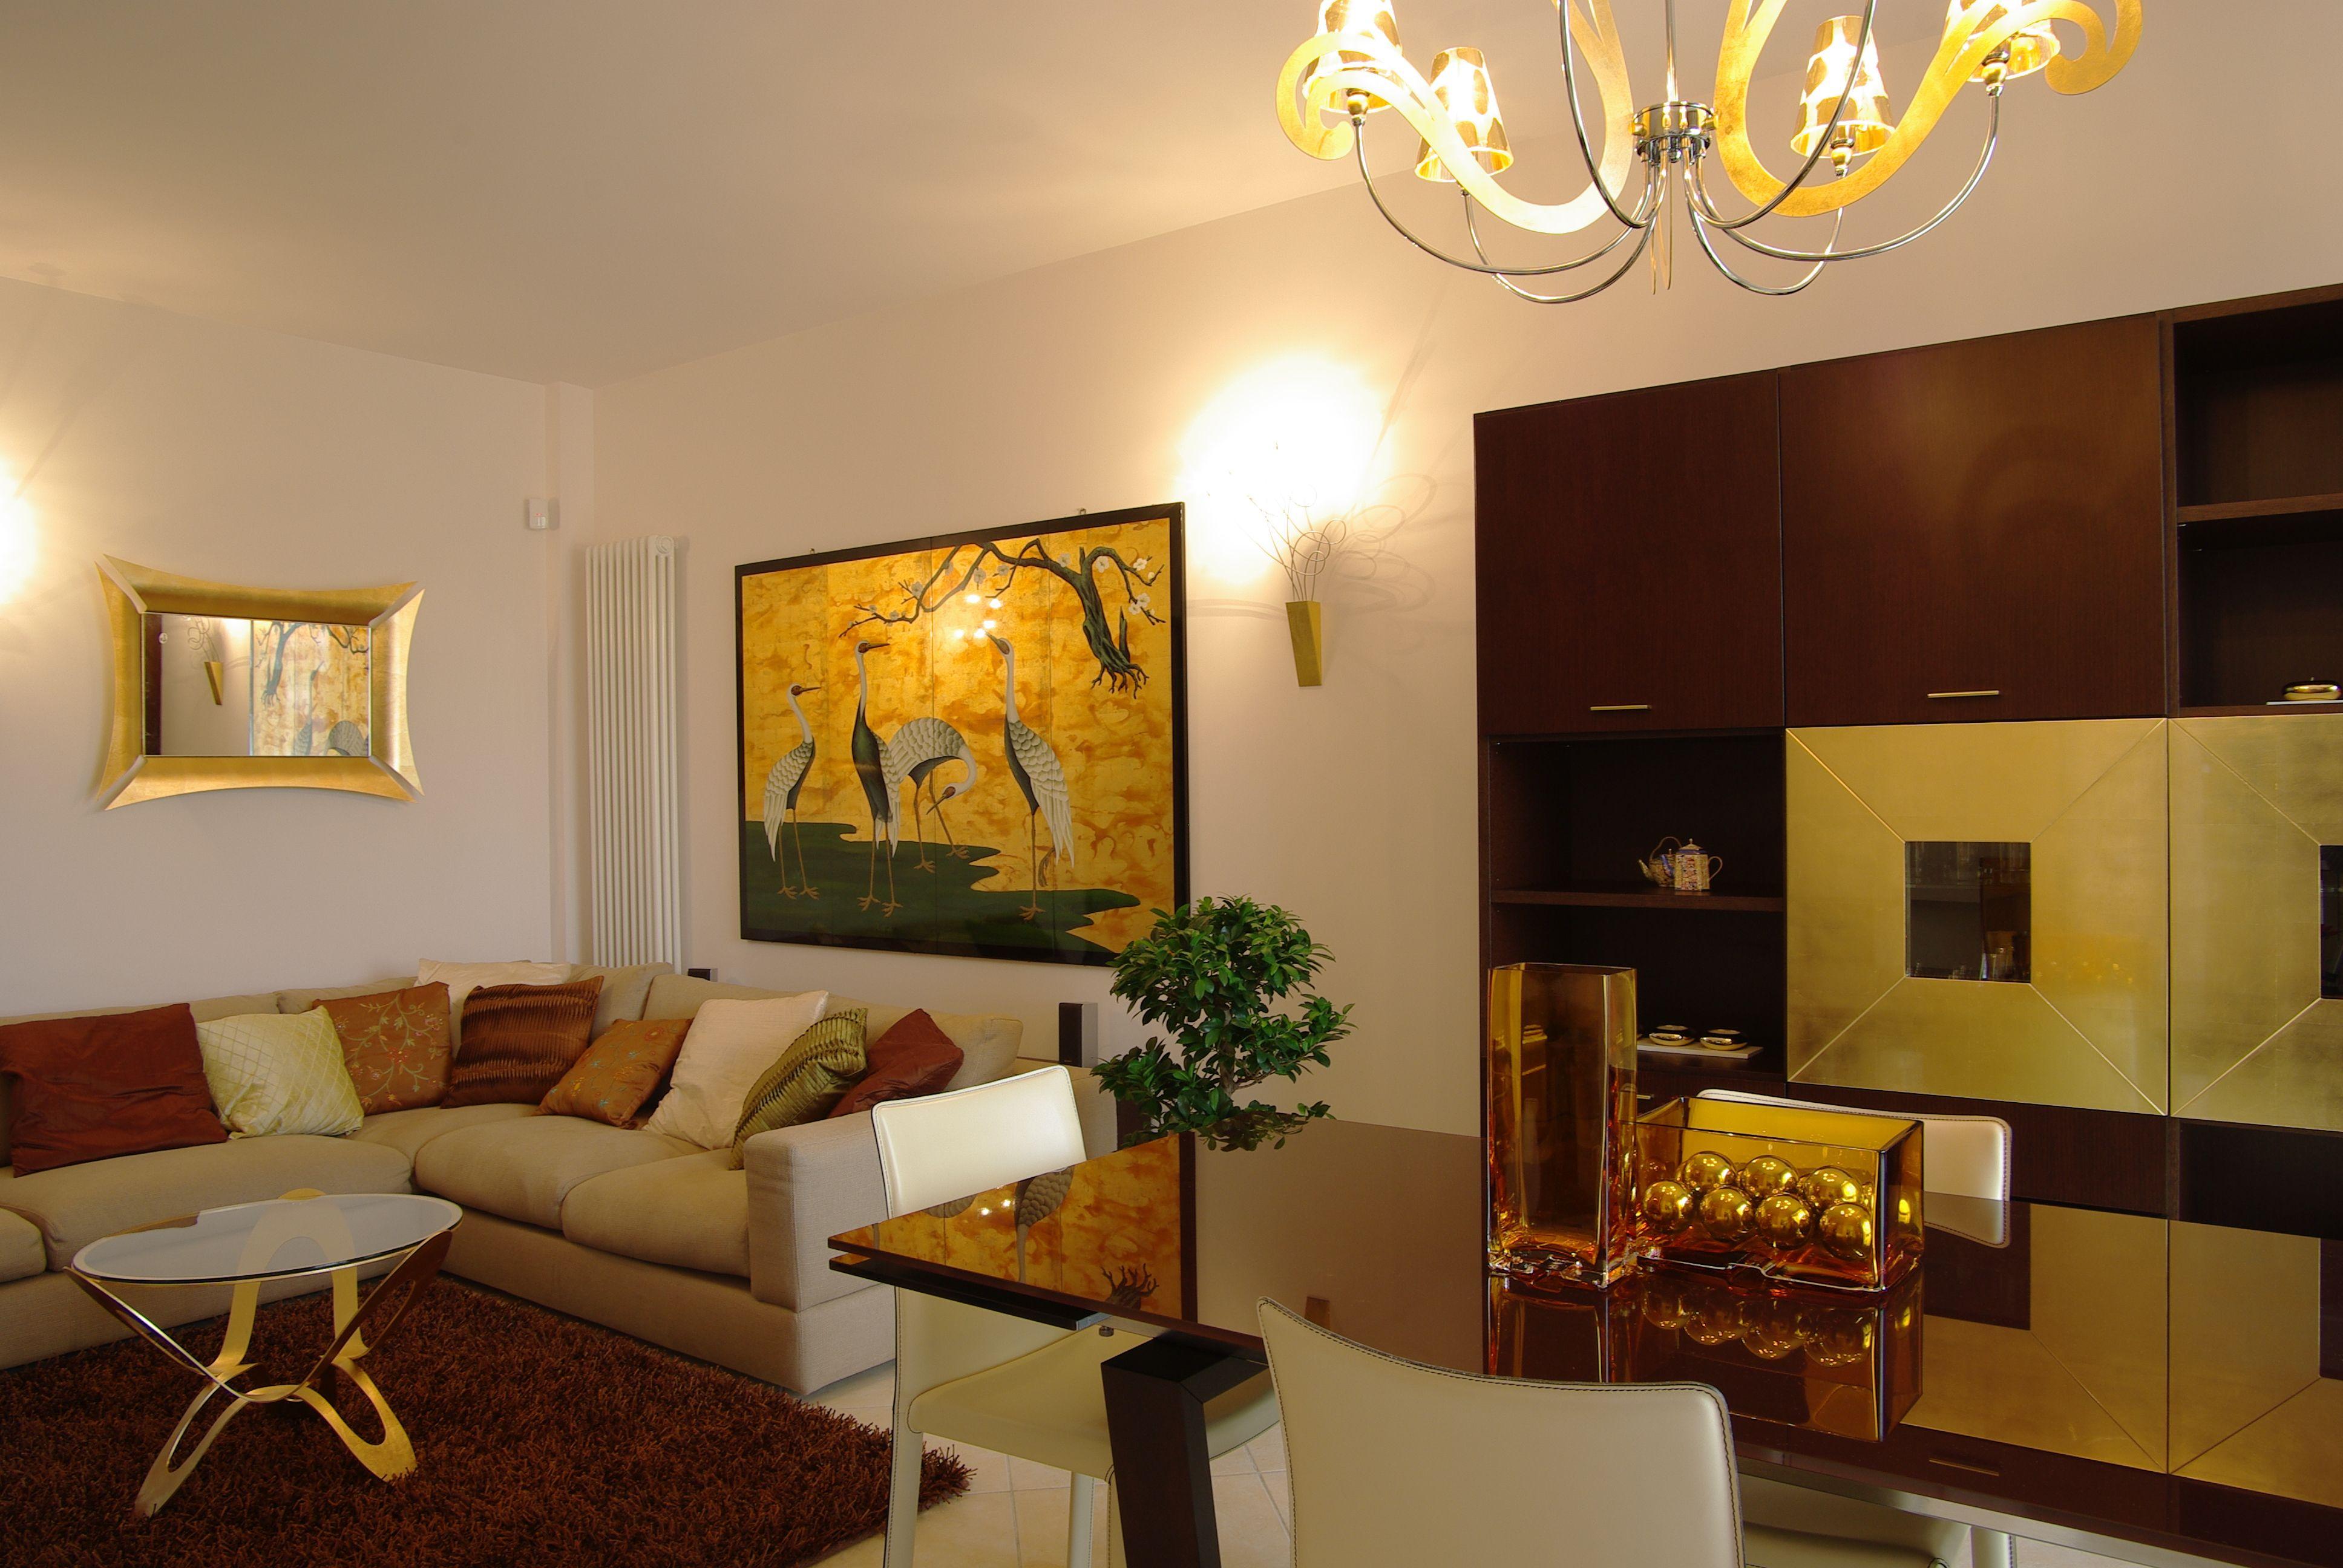 Soggiorno sala da pranzo e mobile parete wengè e foglia oro Besana. #arredamento #interiordesign #decor #openspace